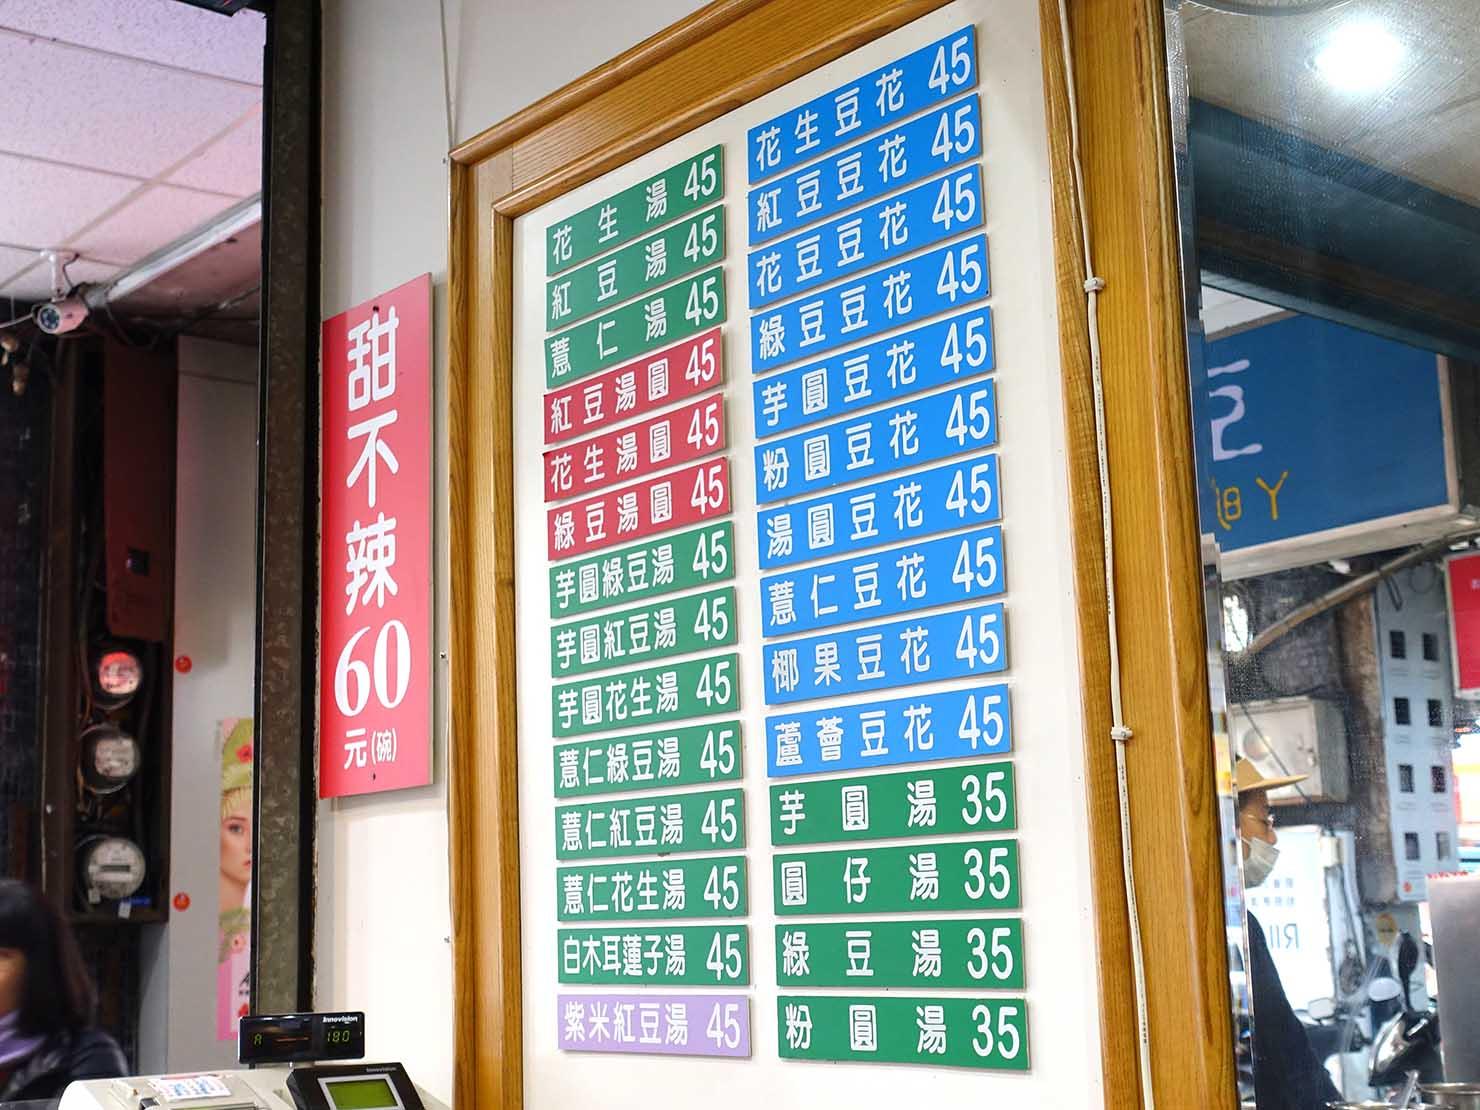 台北・中正紀念堂のおすすめグルメ店「豆味行」のメニュー